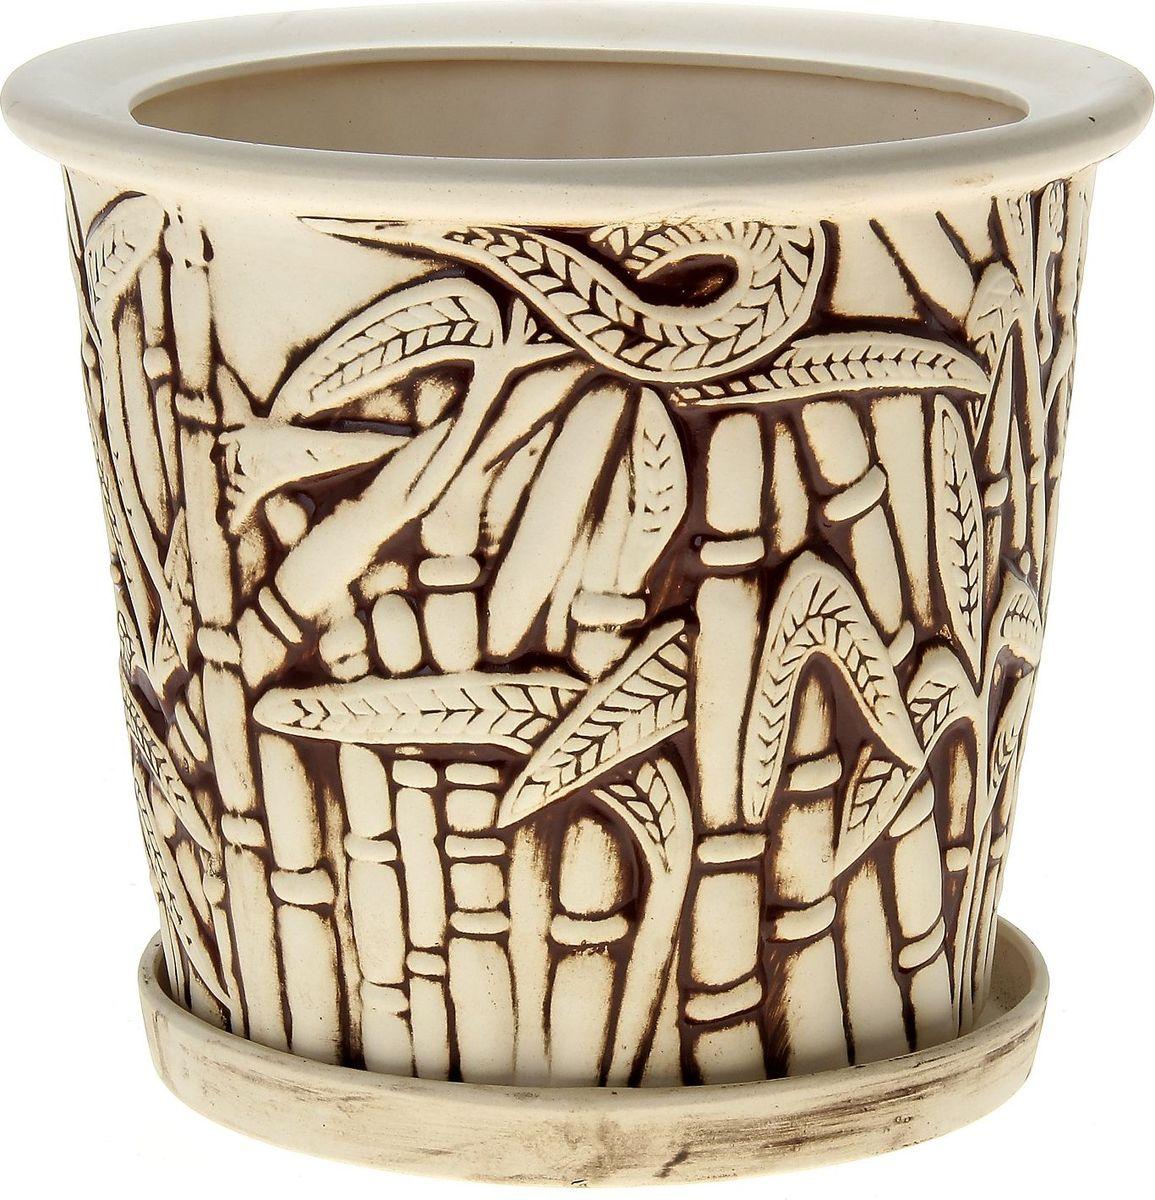 Кашпо Керамика ручной работы Камыш, цвет: шамот, 10 л144195Комнатные растения — всеобщие любимцы. Они радуют глаз, насыщают помещение кислородом и украшают пространство. Каждому из них необходим свой удобный и красивый дом. Кашпо из керамики прекрасно подходят для высадки растений: за счёт пластичности глины и разных способов обработки существует великое множество форм и дизайновпористый материал позволяет испаряться лишней влагевоздух, необходимый для дыхания корней, проникает сквозь керамические стенки! #name# позаботится о зелёном питомце, освежит интерьер и подчеркнёт его стиль.